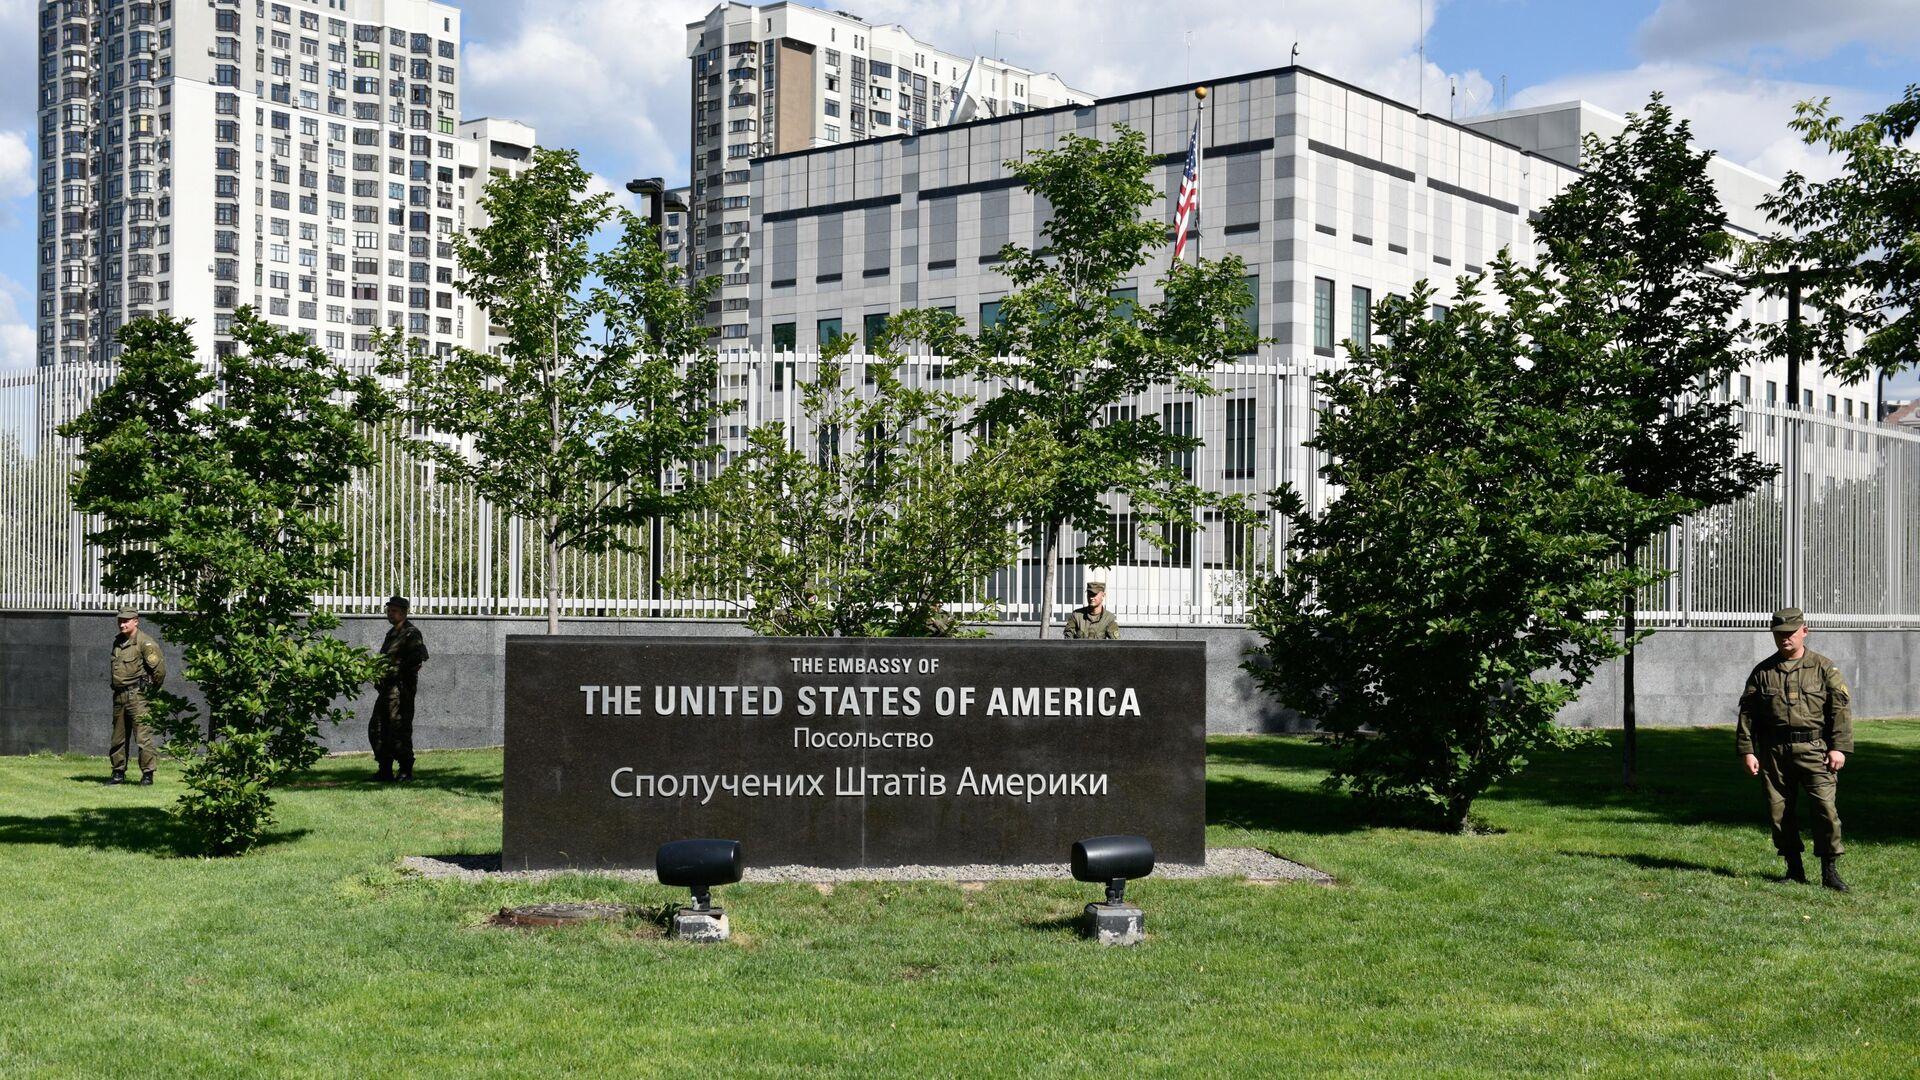 Здание посольства США в Киеве - РИА Новости, 1920, 23.03.2019